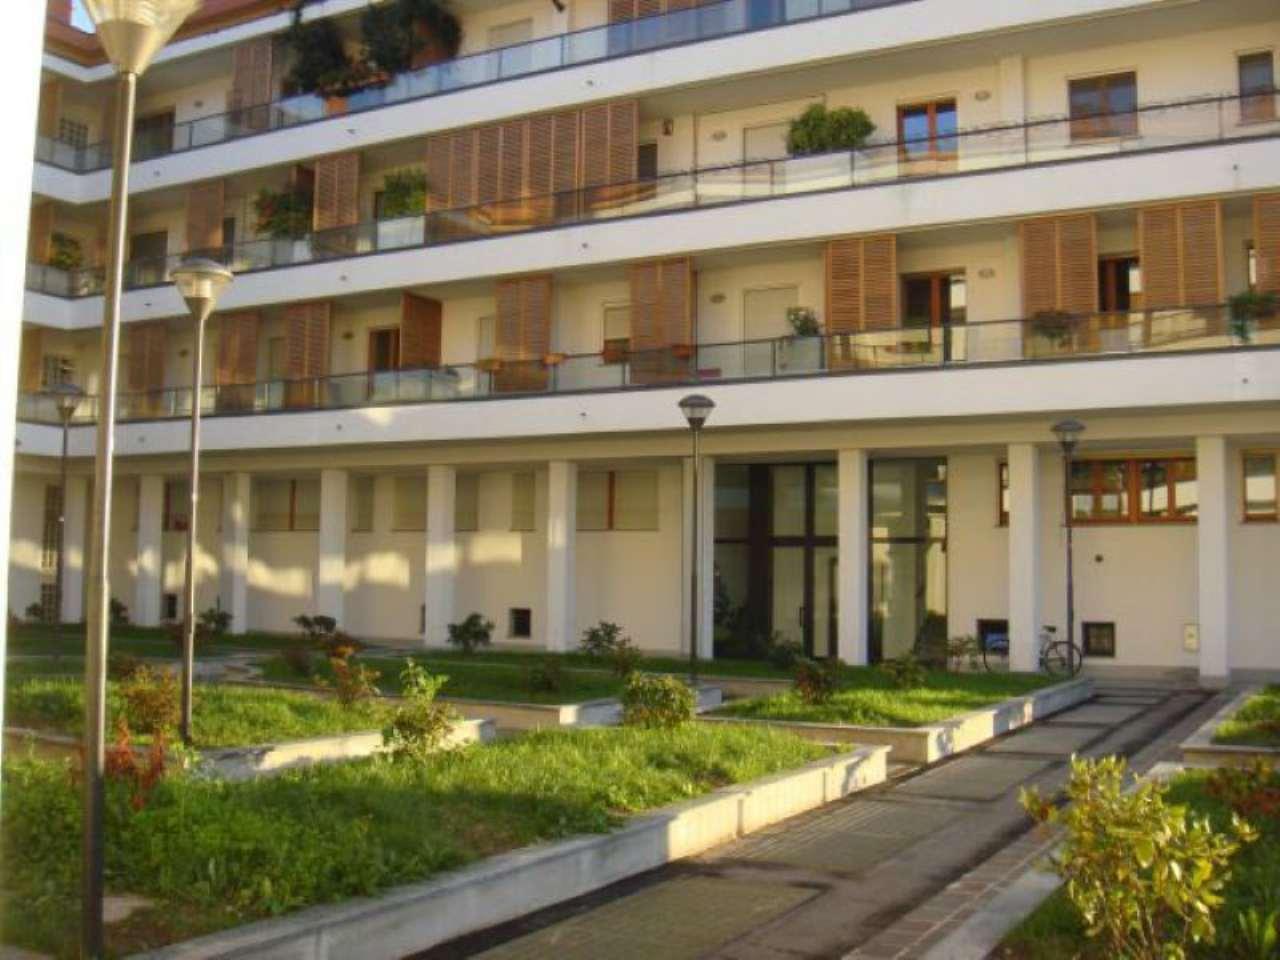 Appartamento in vendita a Milano, 4 locali, zona Zona: 8 . Bocconi, C.so Italia, Ticinese, Bligny, prezzo € 580.000 | CambioCasa.it